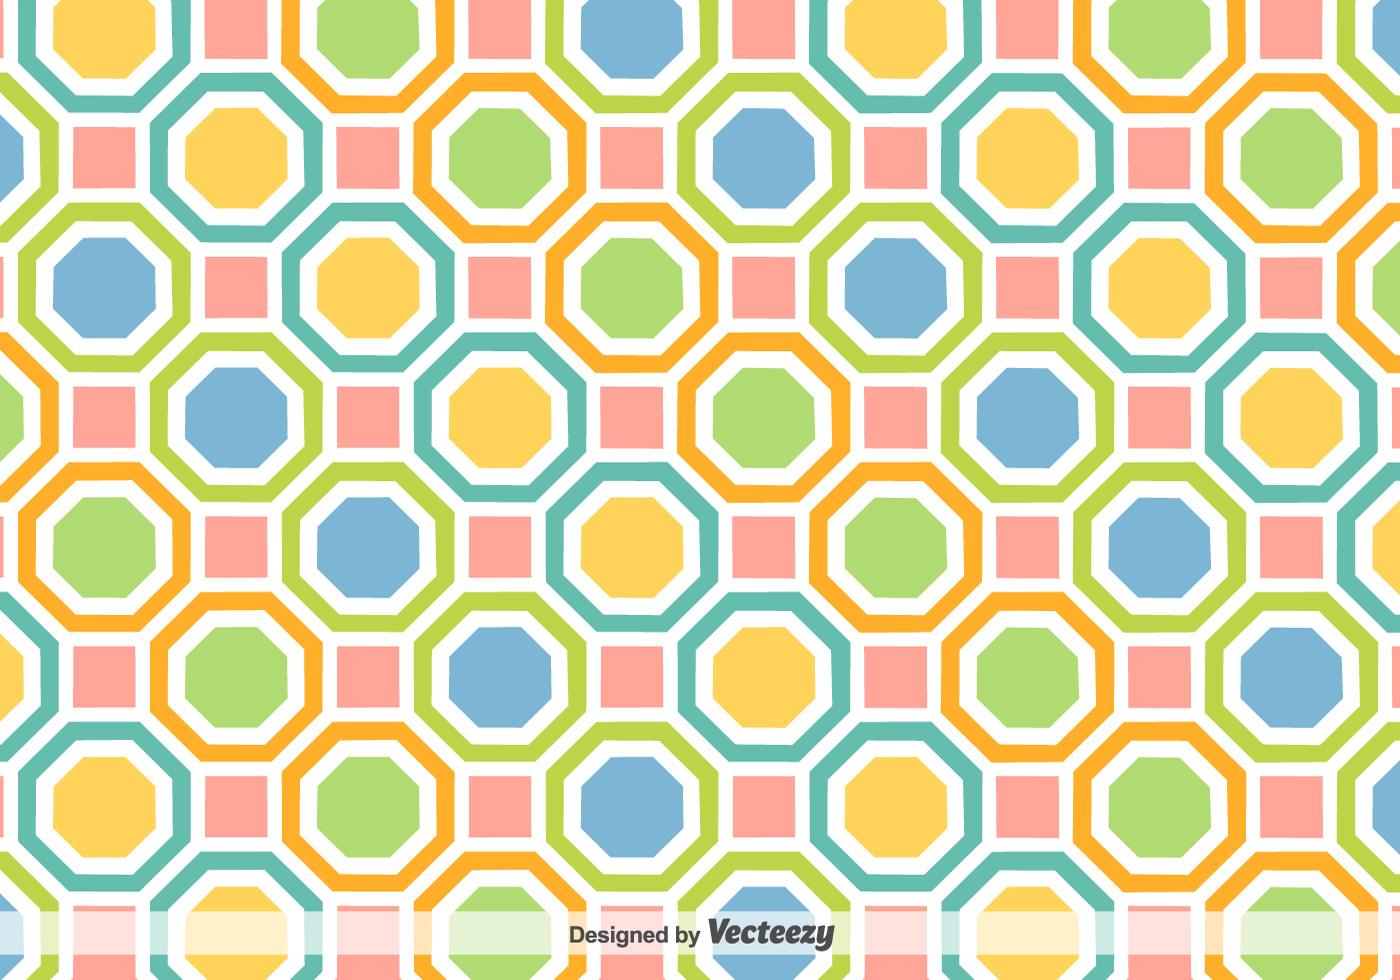 Vector De Fondo Con Figuras Geométricas De Colores